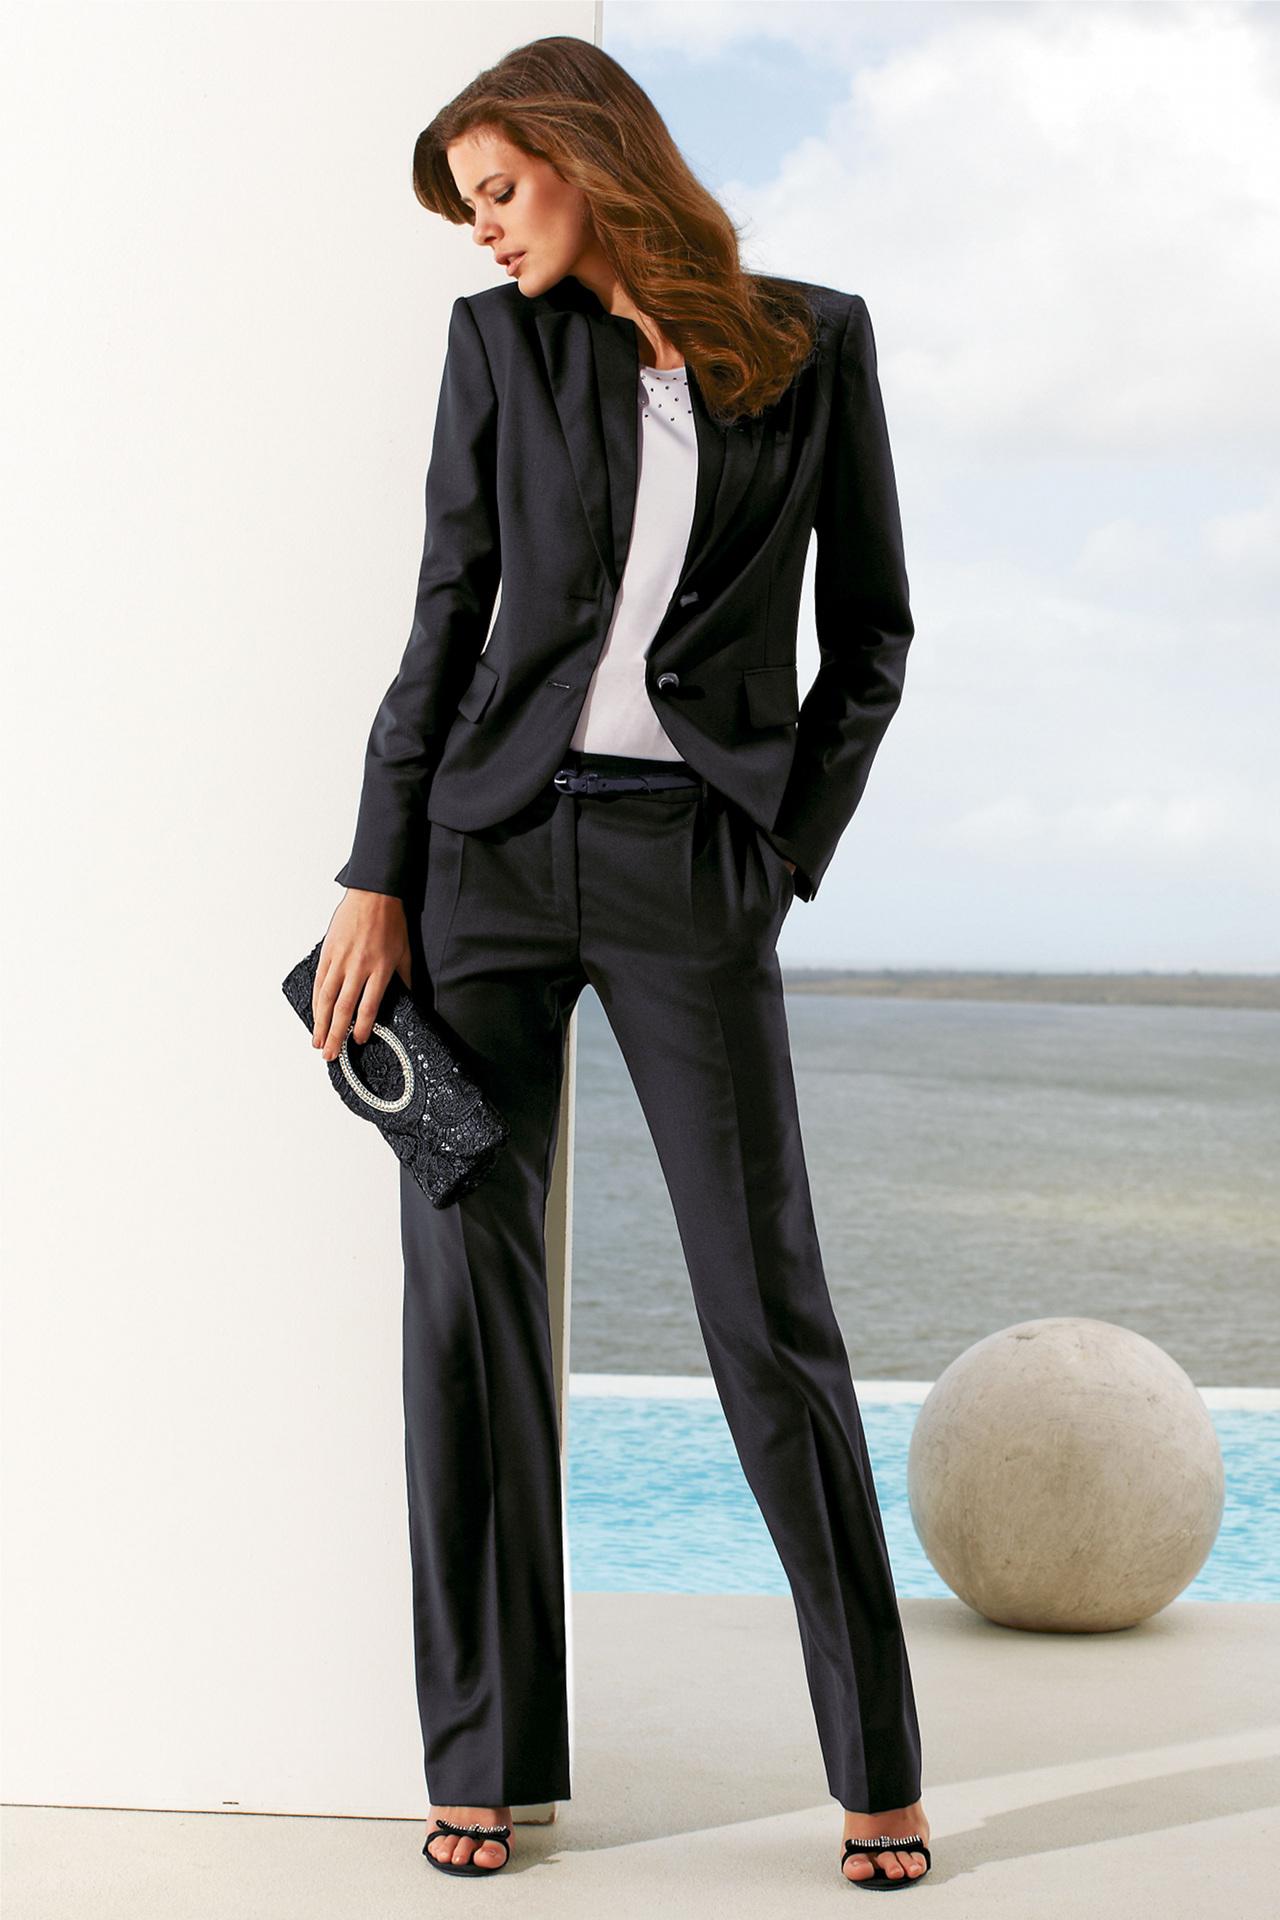 High fashion woman suit Suit blames cops for womans death Boston Herald